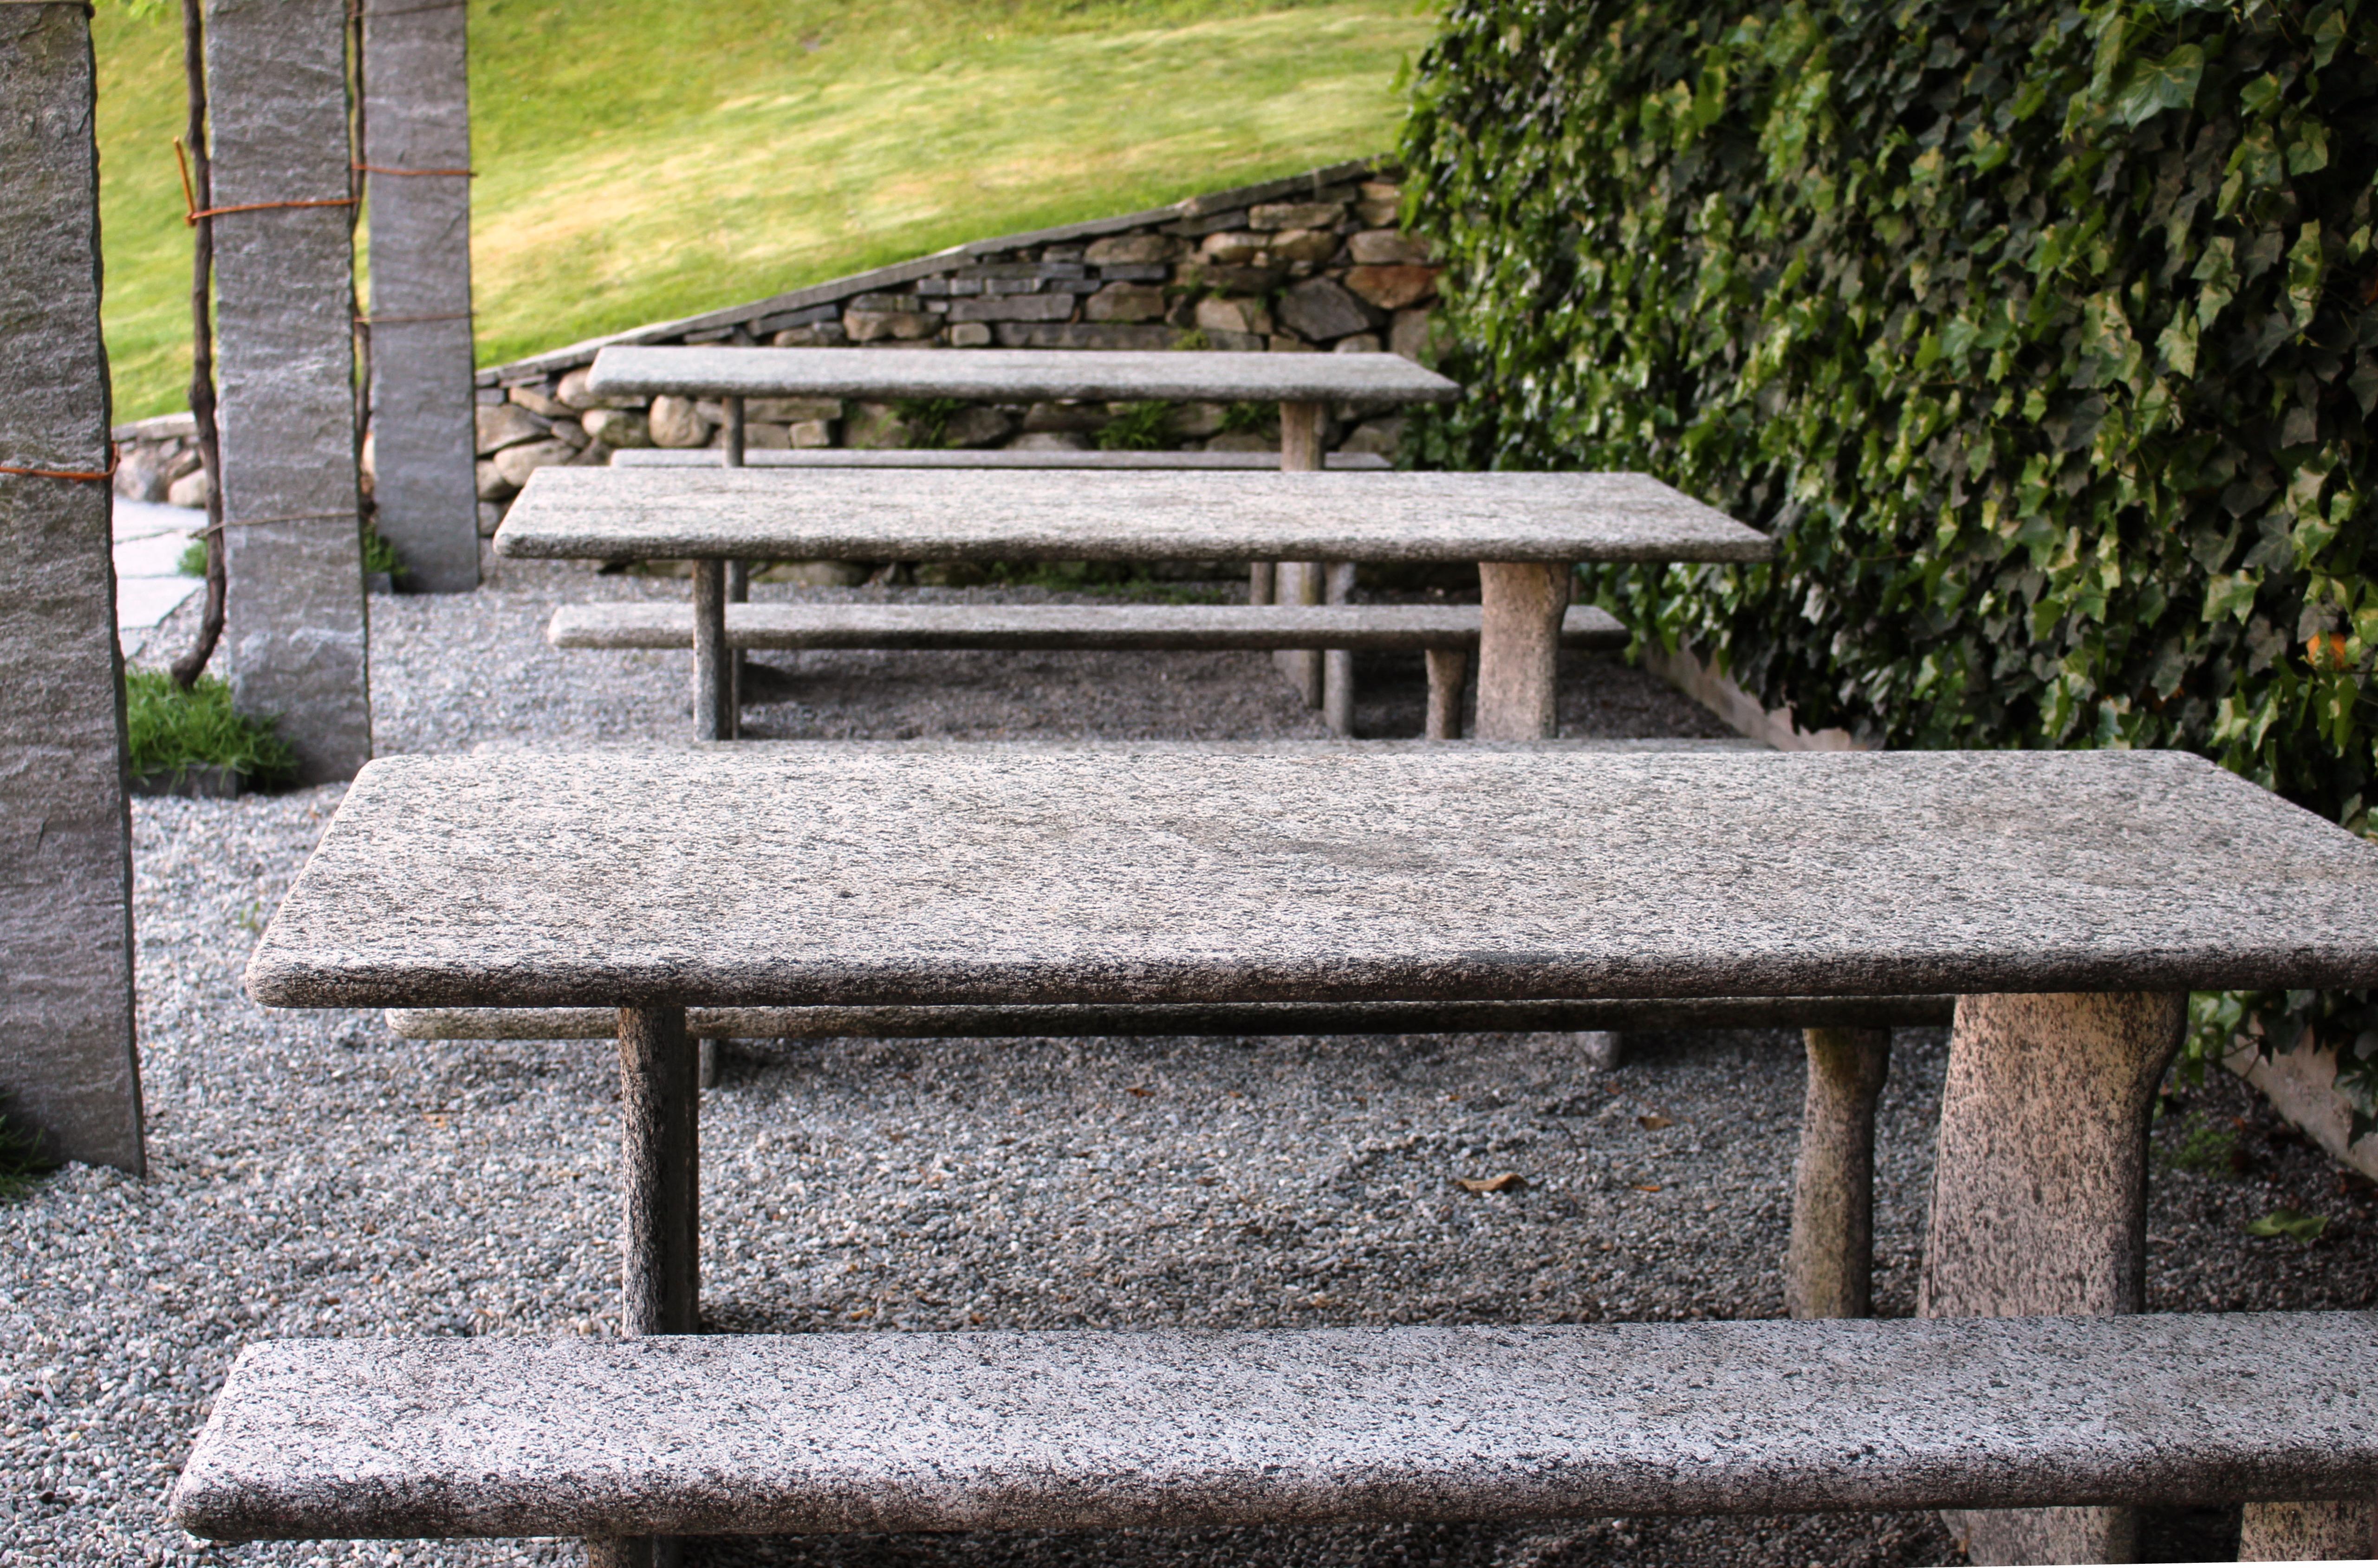 Fotos gratis mesa madera banco silla restaurante piedra caba a patio interior mueble - Mesas de piedra ...